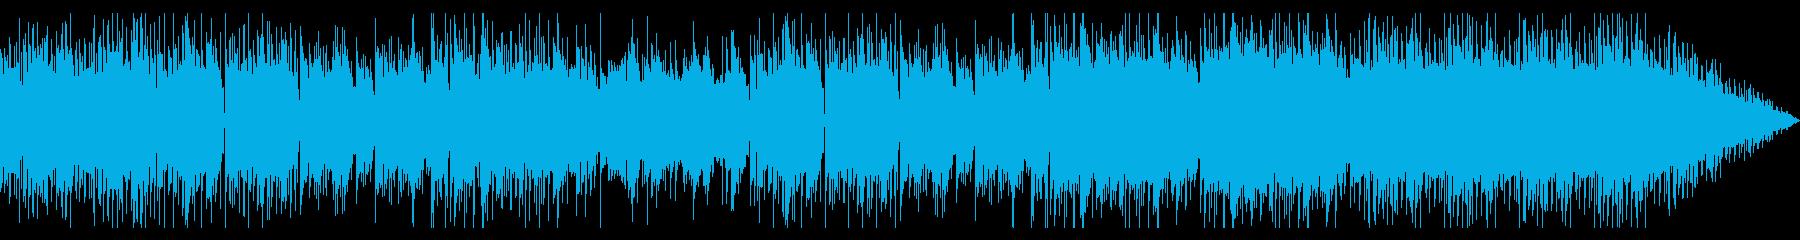 しみじみ→晴れやかなインストポップの再生済みの波形